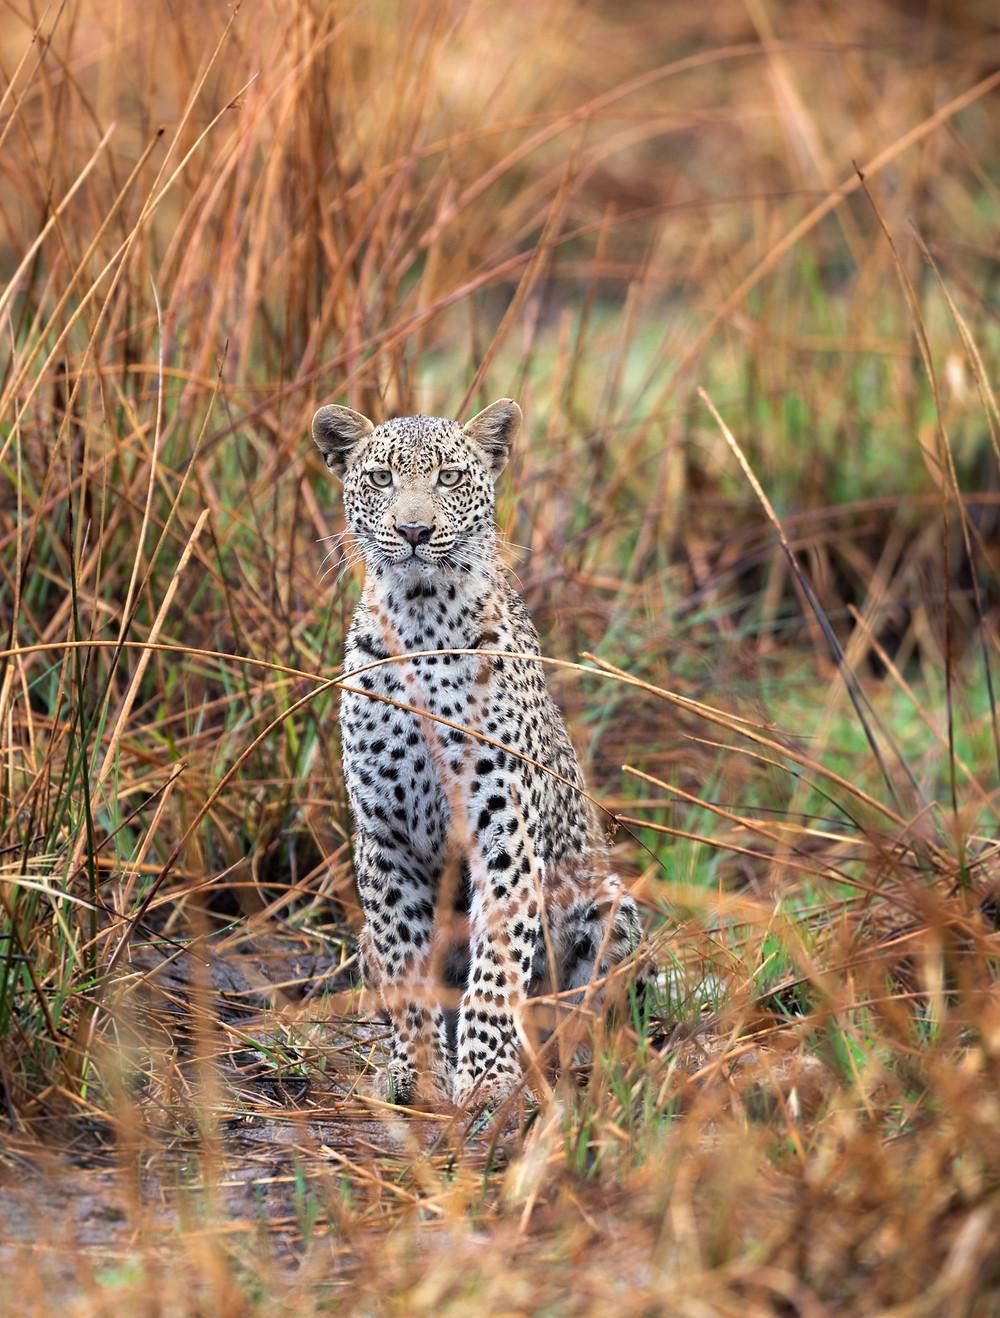 juvenile leopard in reeds